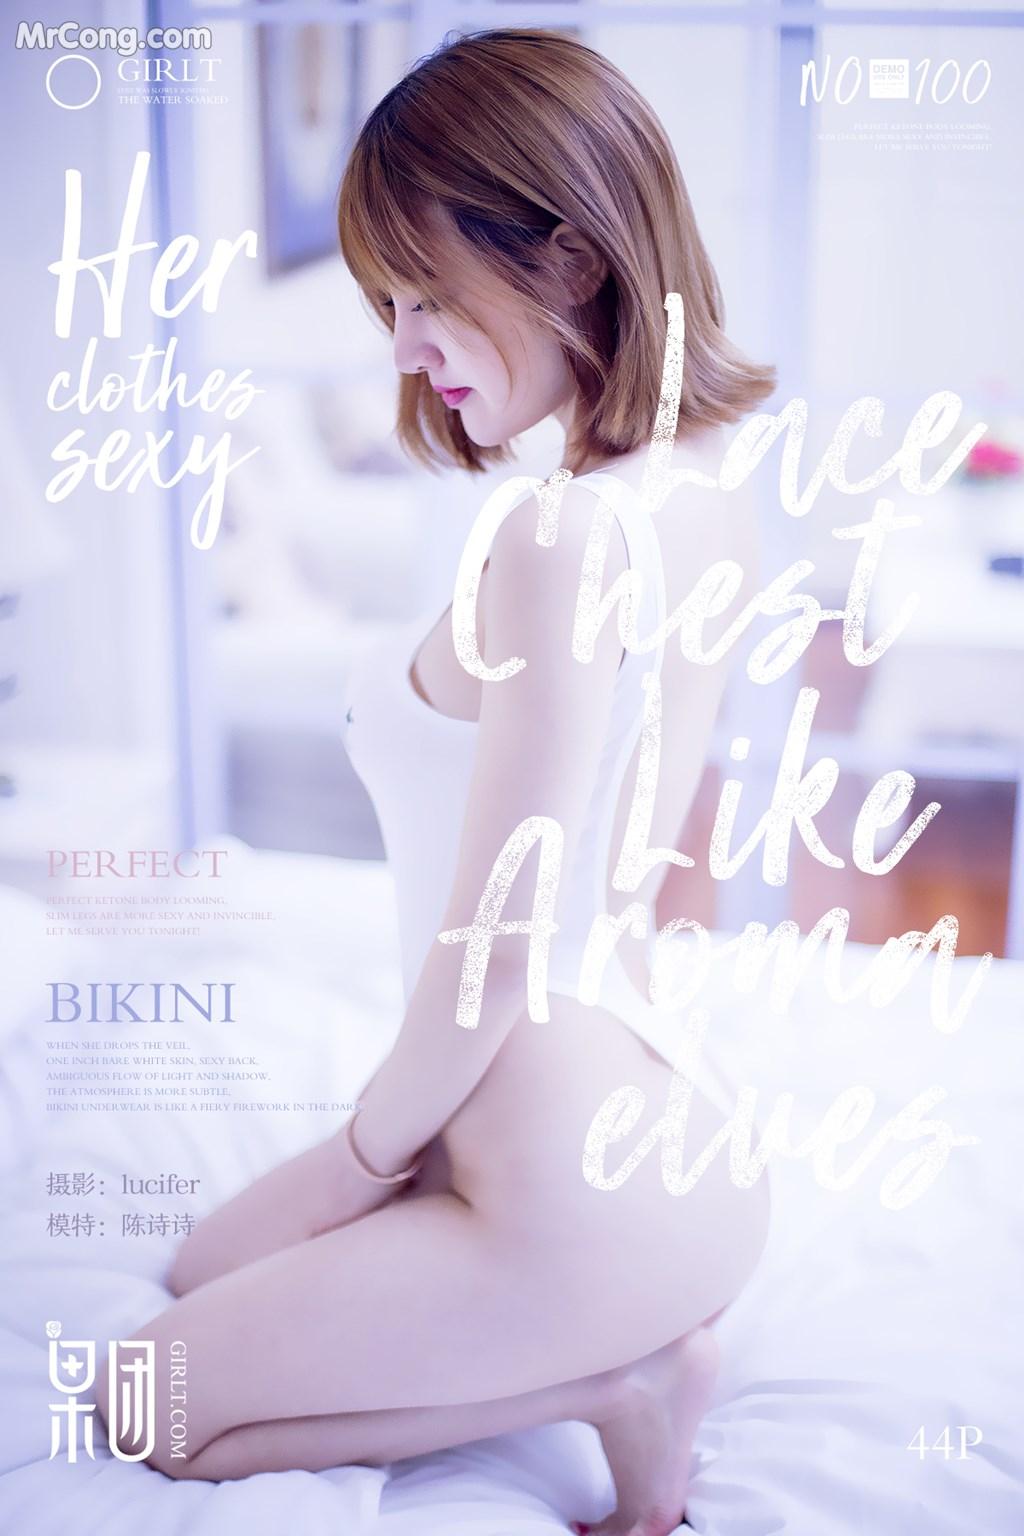 GIRLT No.100: Người mẫu Chen Shi Shi (陈诗诗) (41 ảnh)